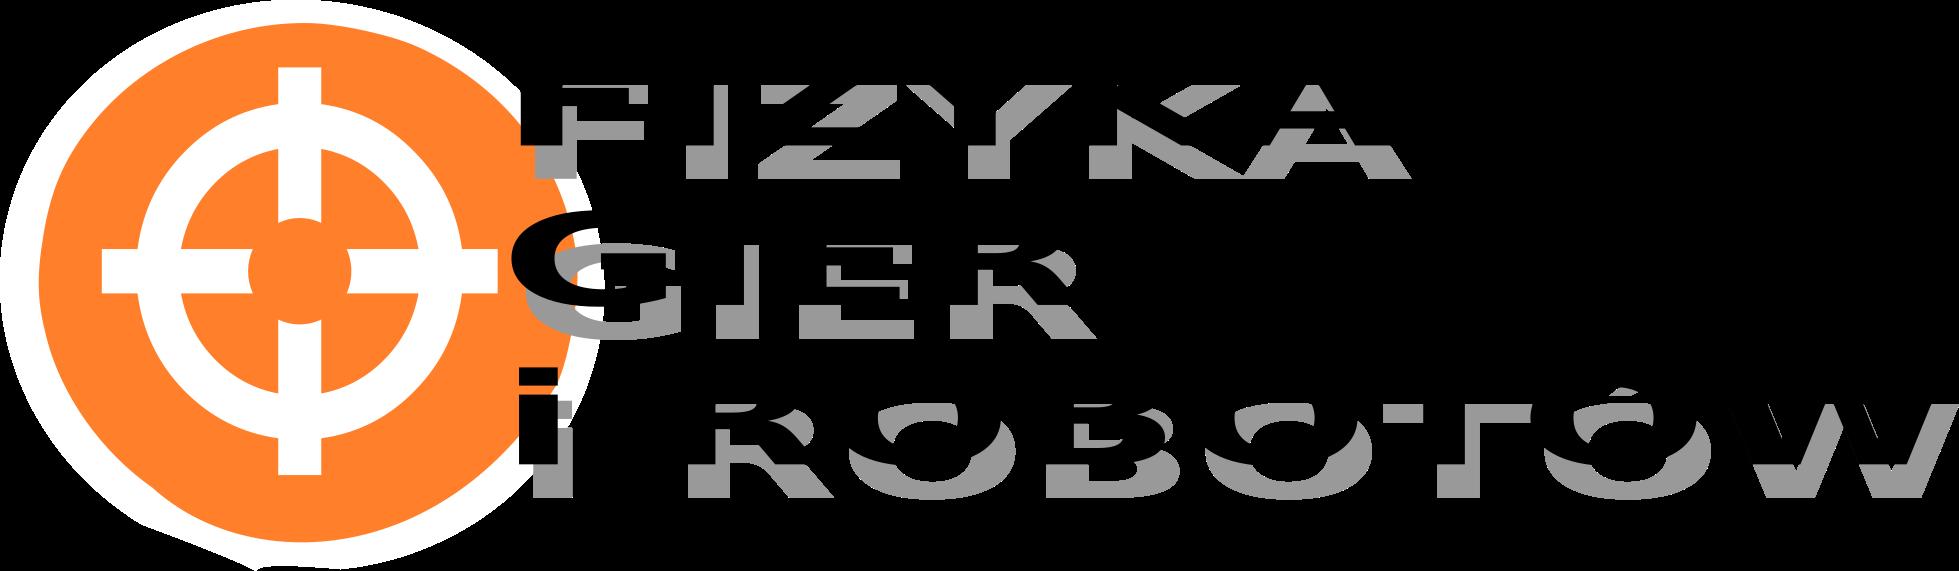 Fizyka Gier Komputerowych i Robotów